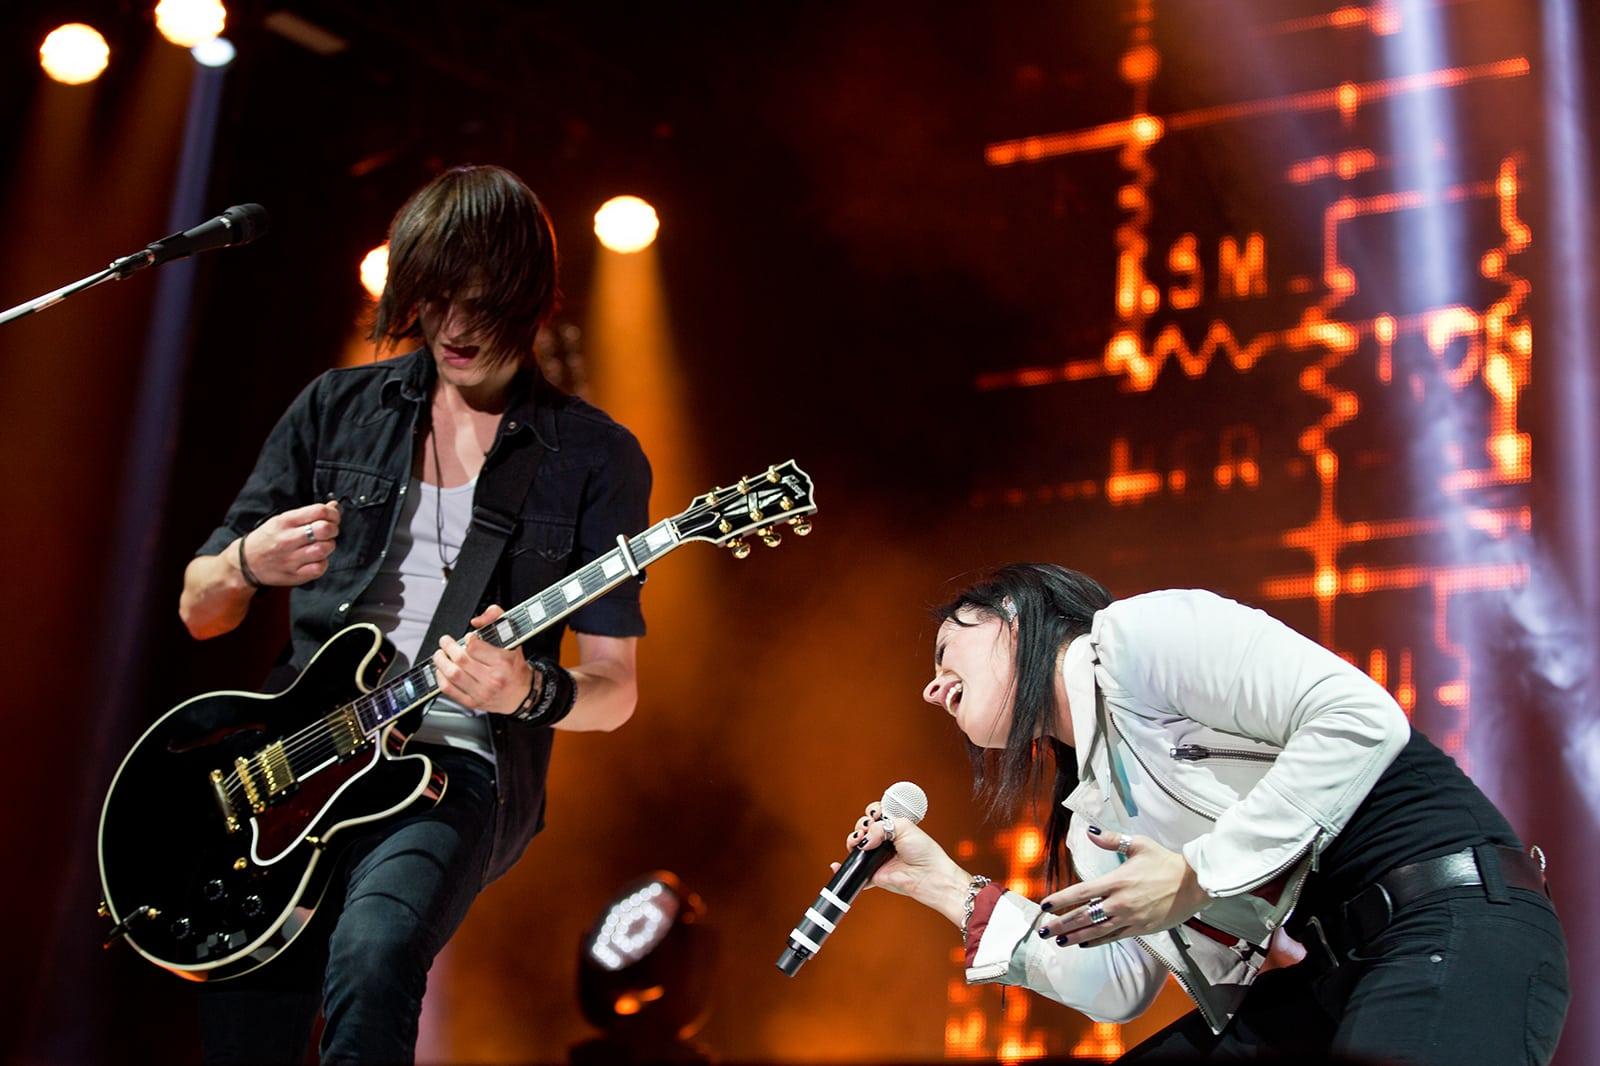 Silbermond - 20.12.2012 - Westfalenhalle Dortmund